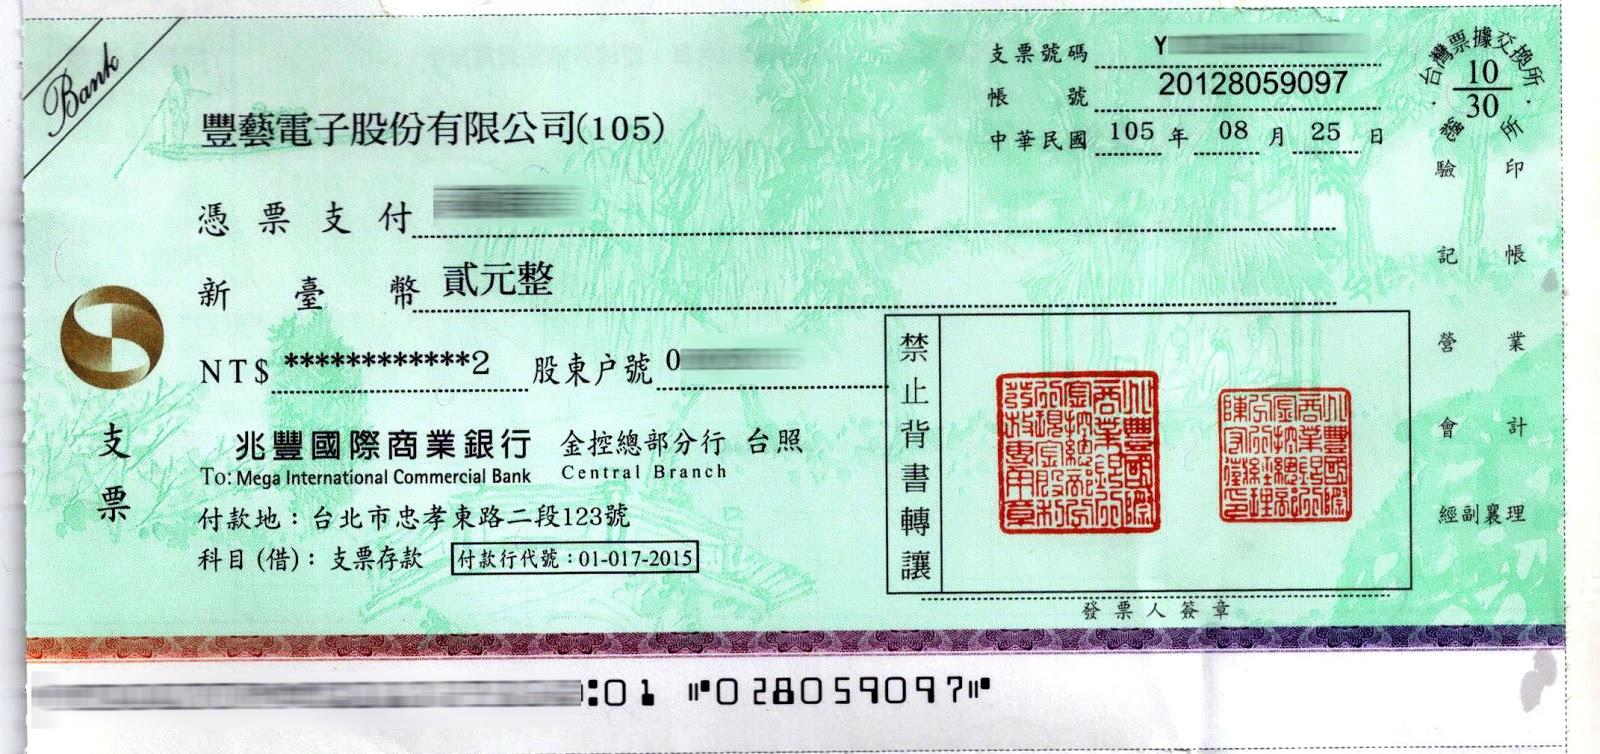 支票   [組圖+影片] 的最新詳盡資料** (必看!!) - www.go2tutor.com